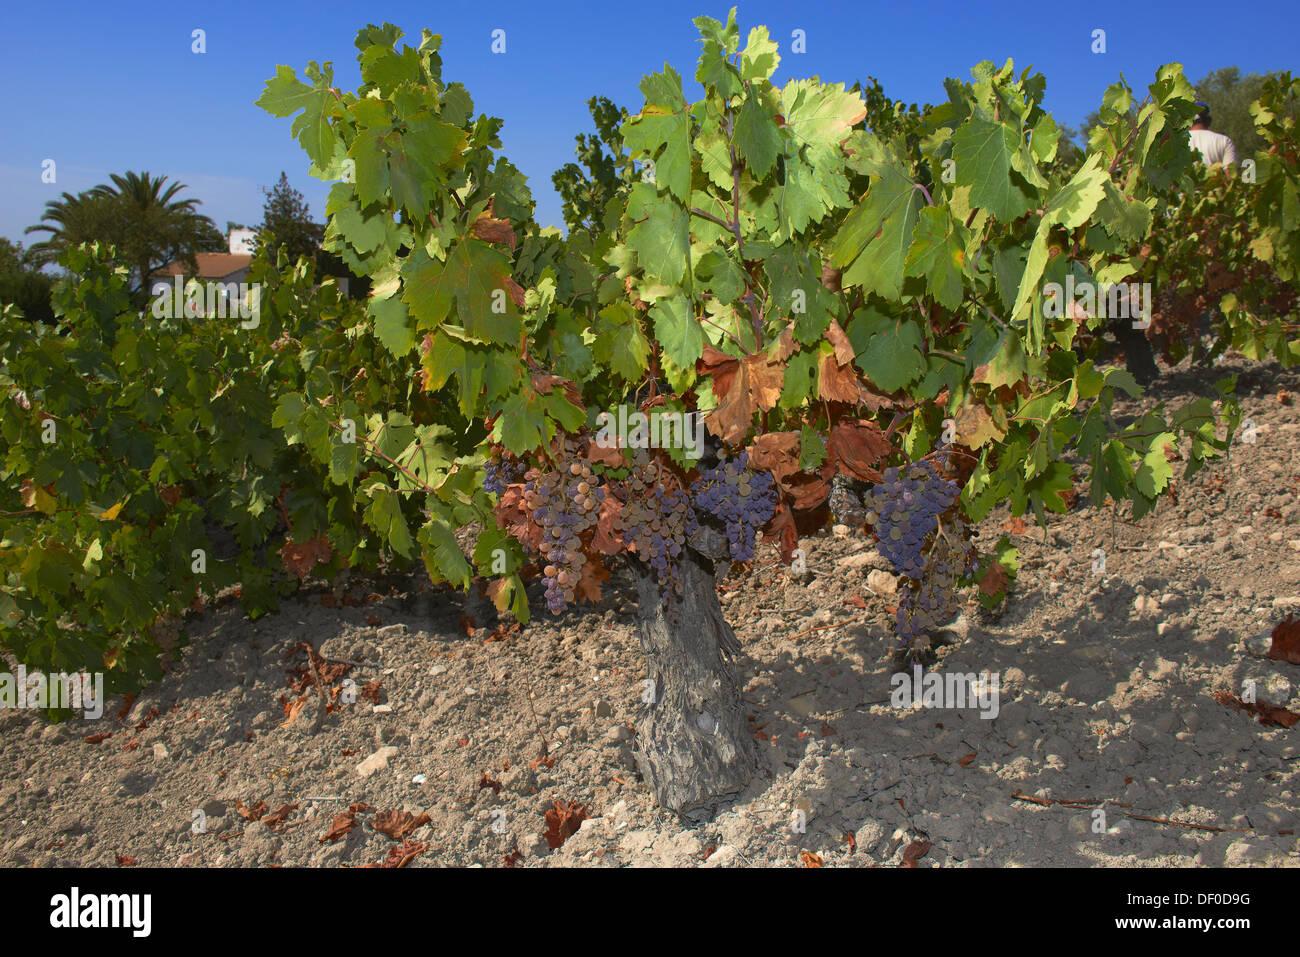 Pedro Ximenez vino uve, Montilla, area Montilla-Moriles, in provincia di Cordoba, Andalusia, Spagna Immagini Stock